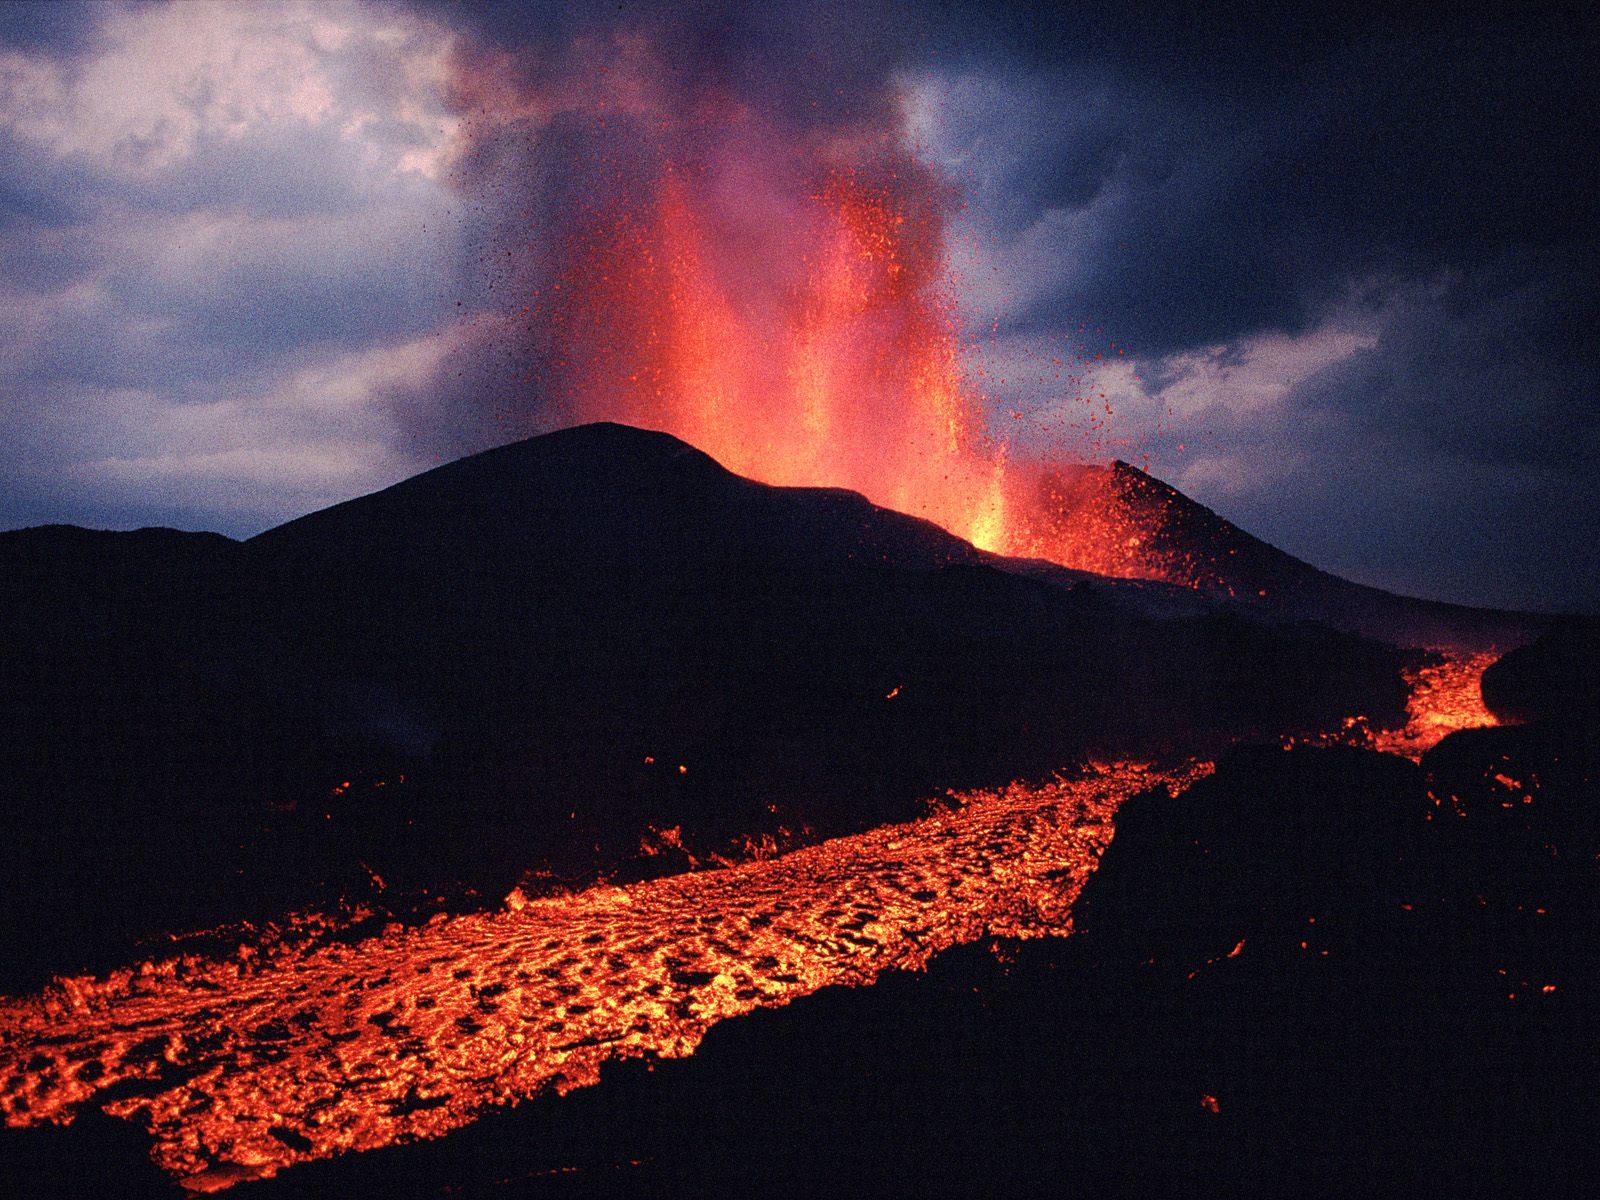 Mount Nyiragongo - Wikipedia